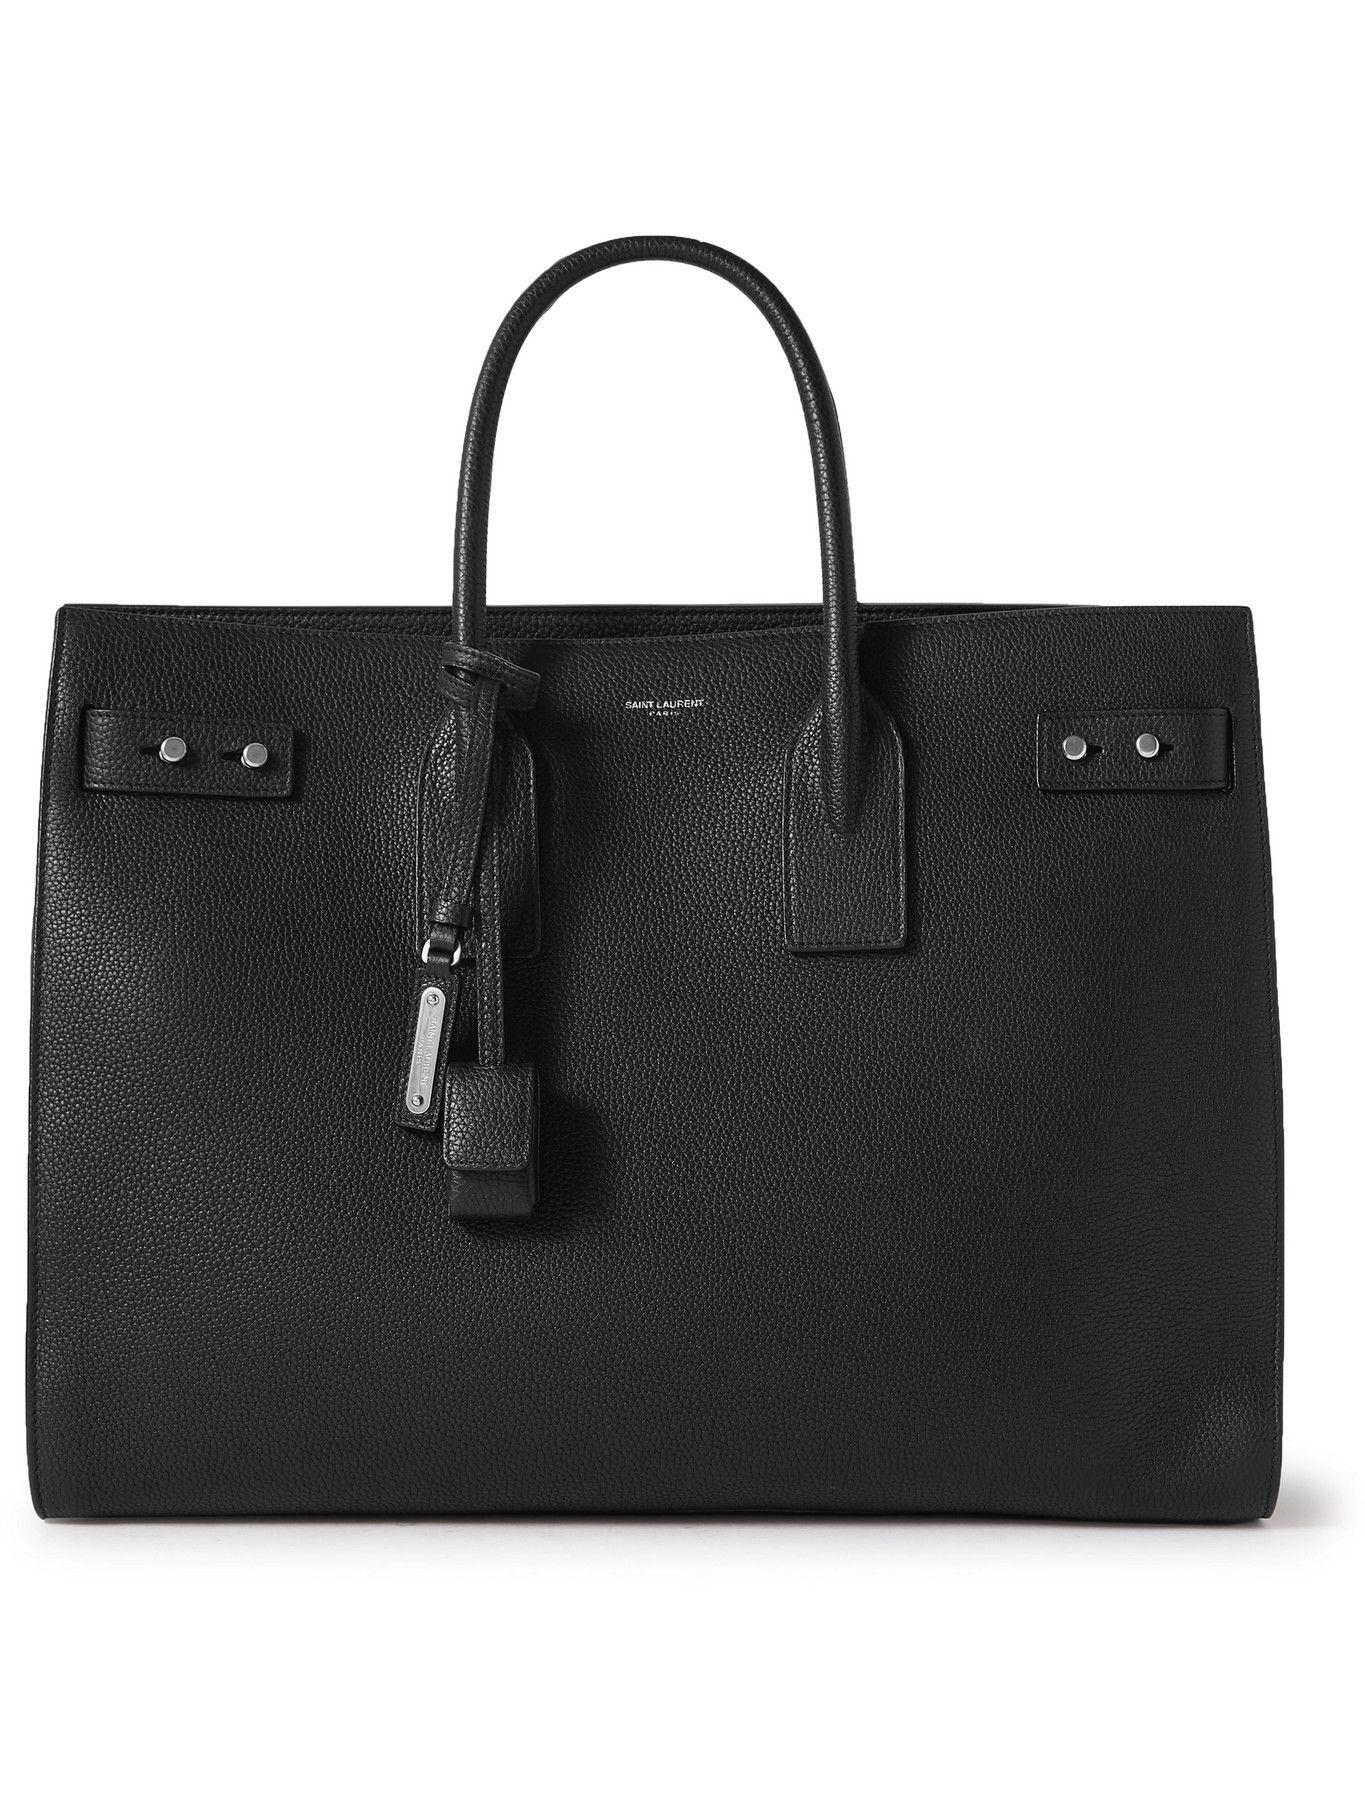 Photo: SAINT LAURENT - Sac de Jour Large Full-Grain Leather Tote Bag